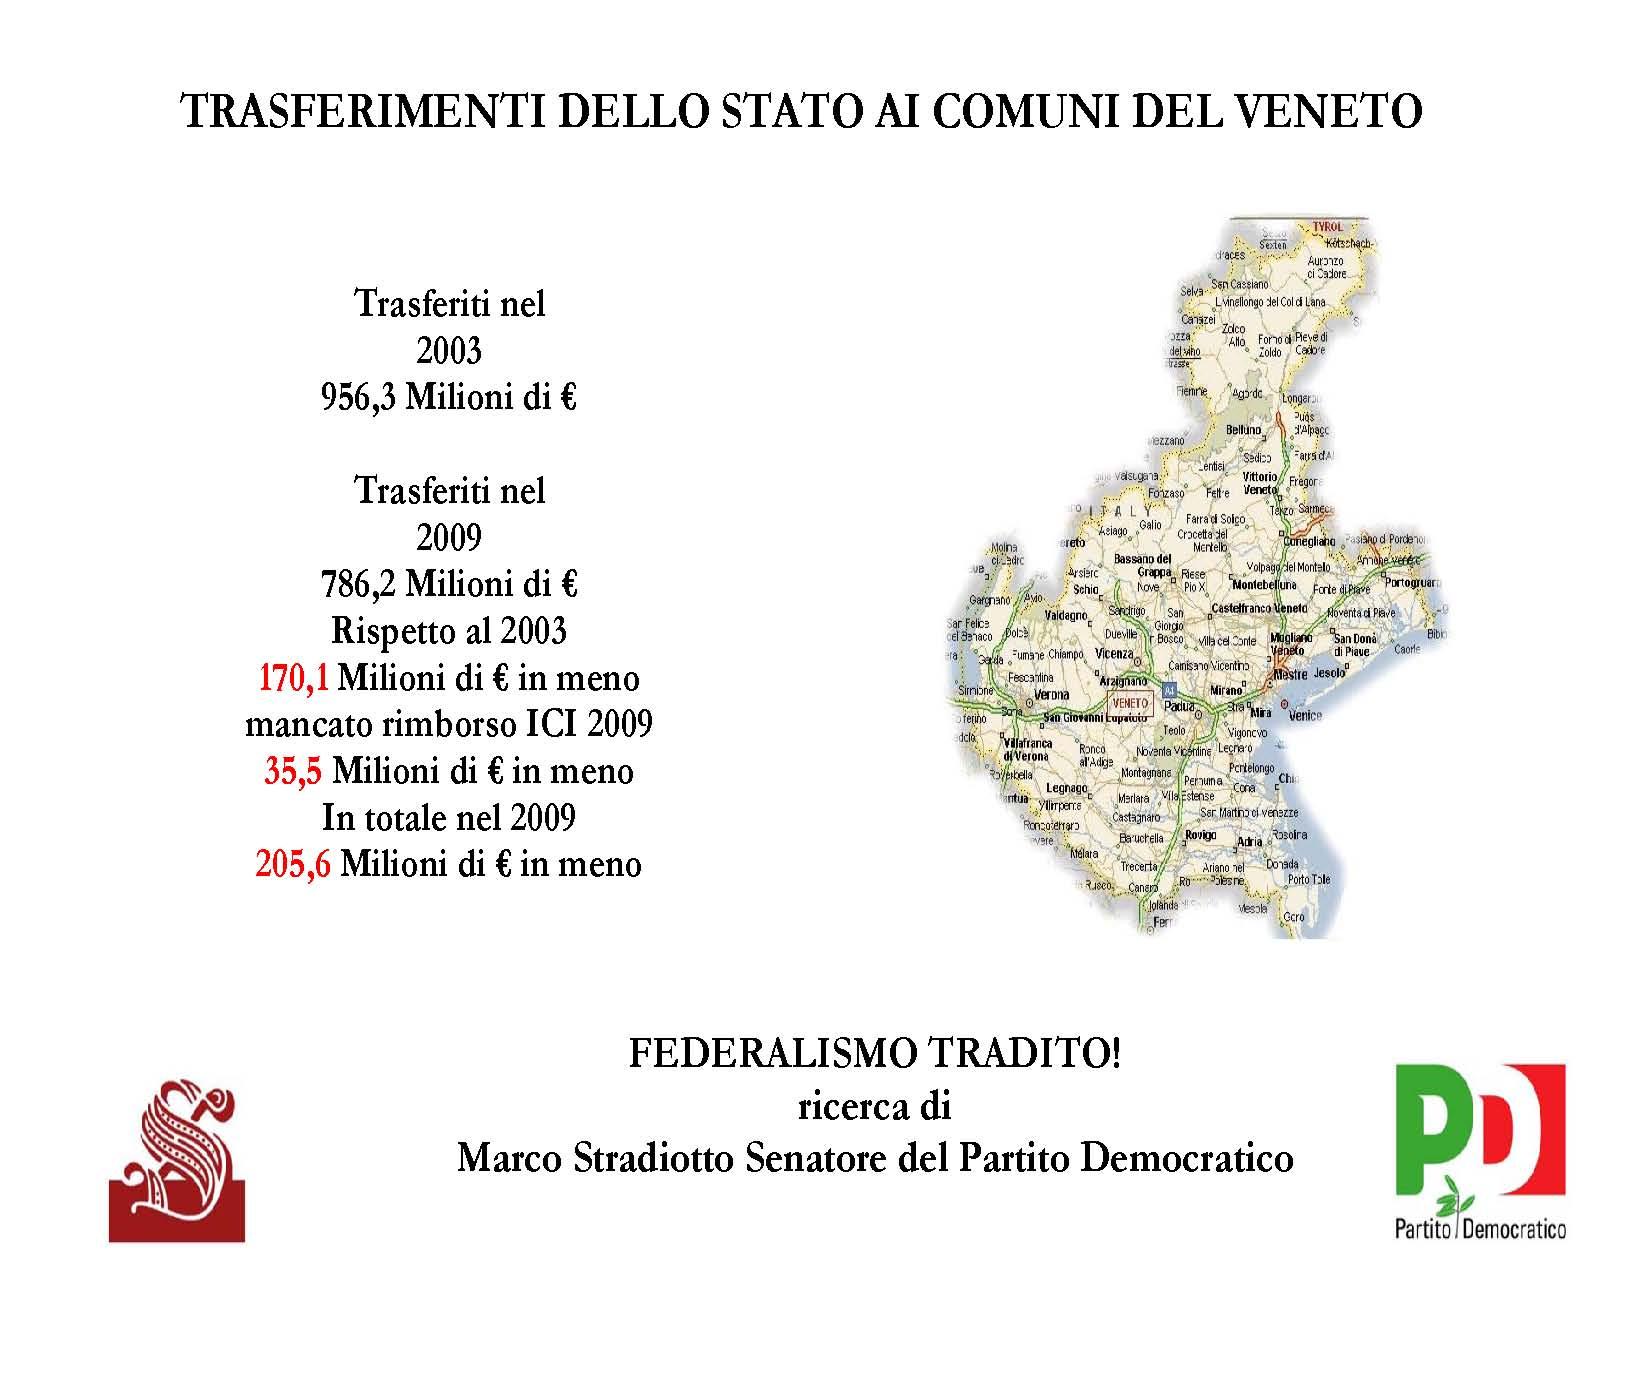 FEDERALISMO TRADITO!  Nel 2009 ai Comuni del Veneto tagliati 205 Milioni di €